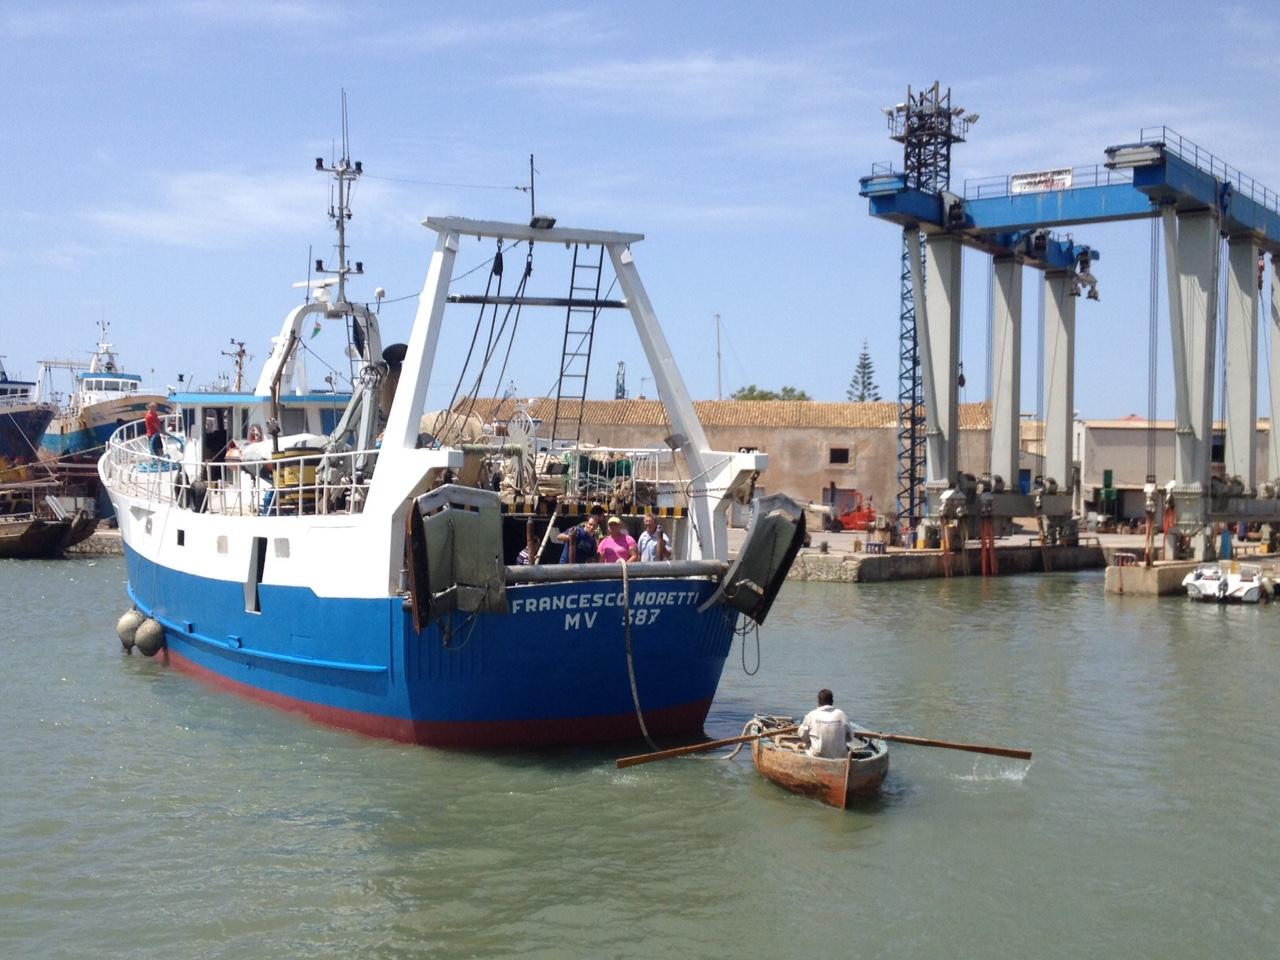 Mazara, navigabilità difficile: altre due barche si arenano. Il caso arriva in Parlamento